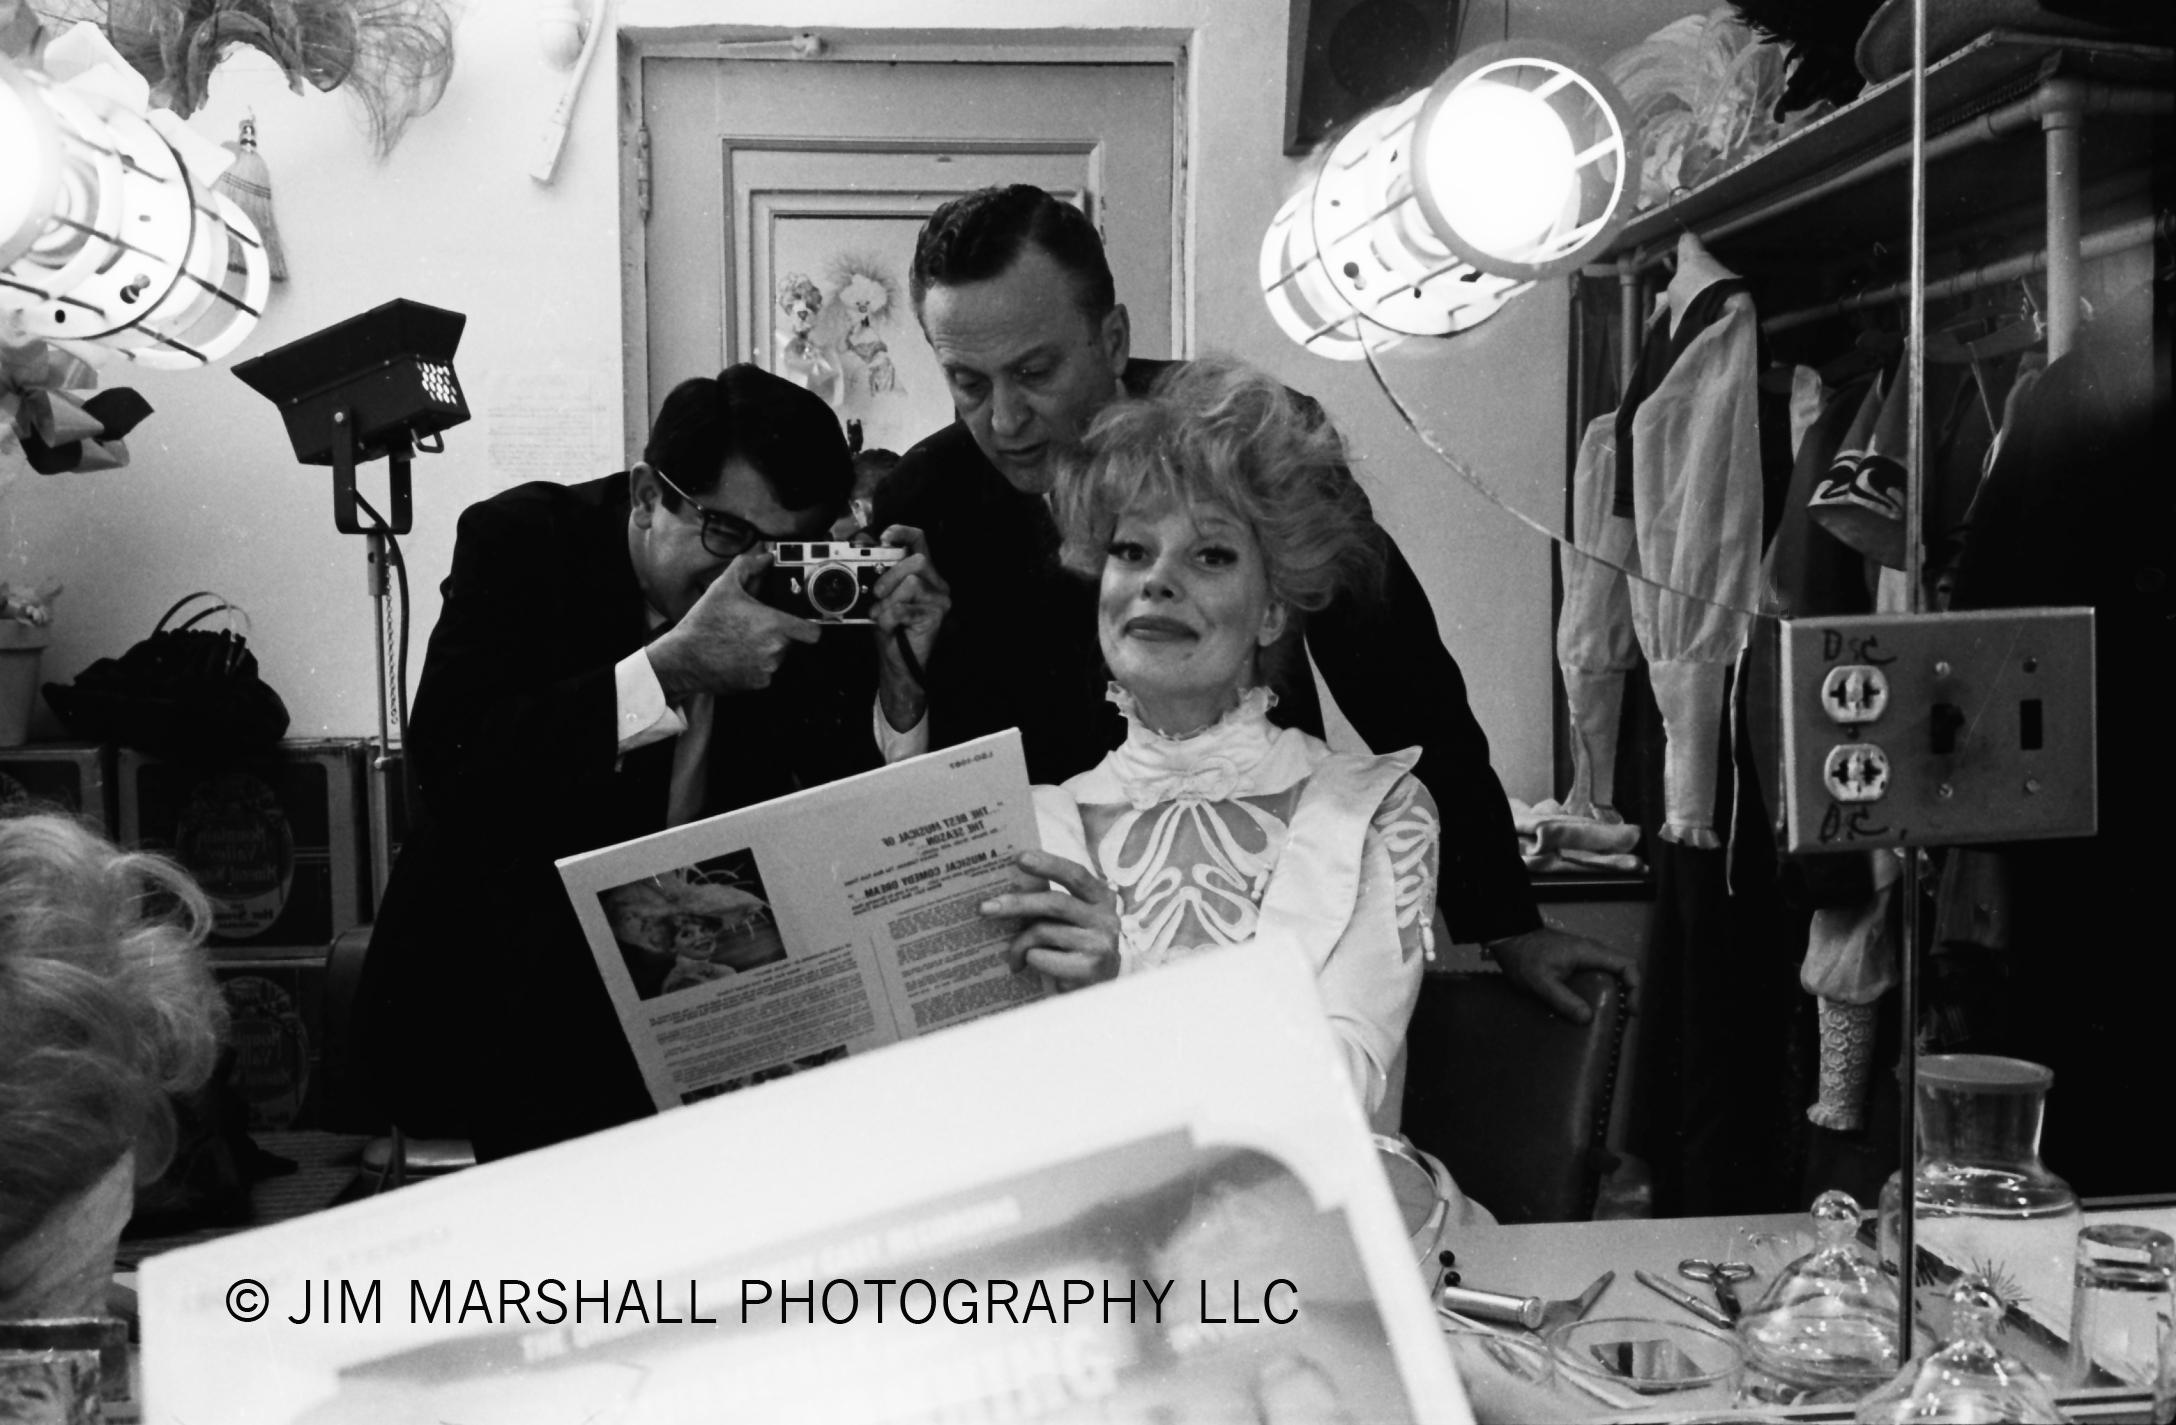 Jim Marshall and Carol Channing